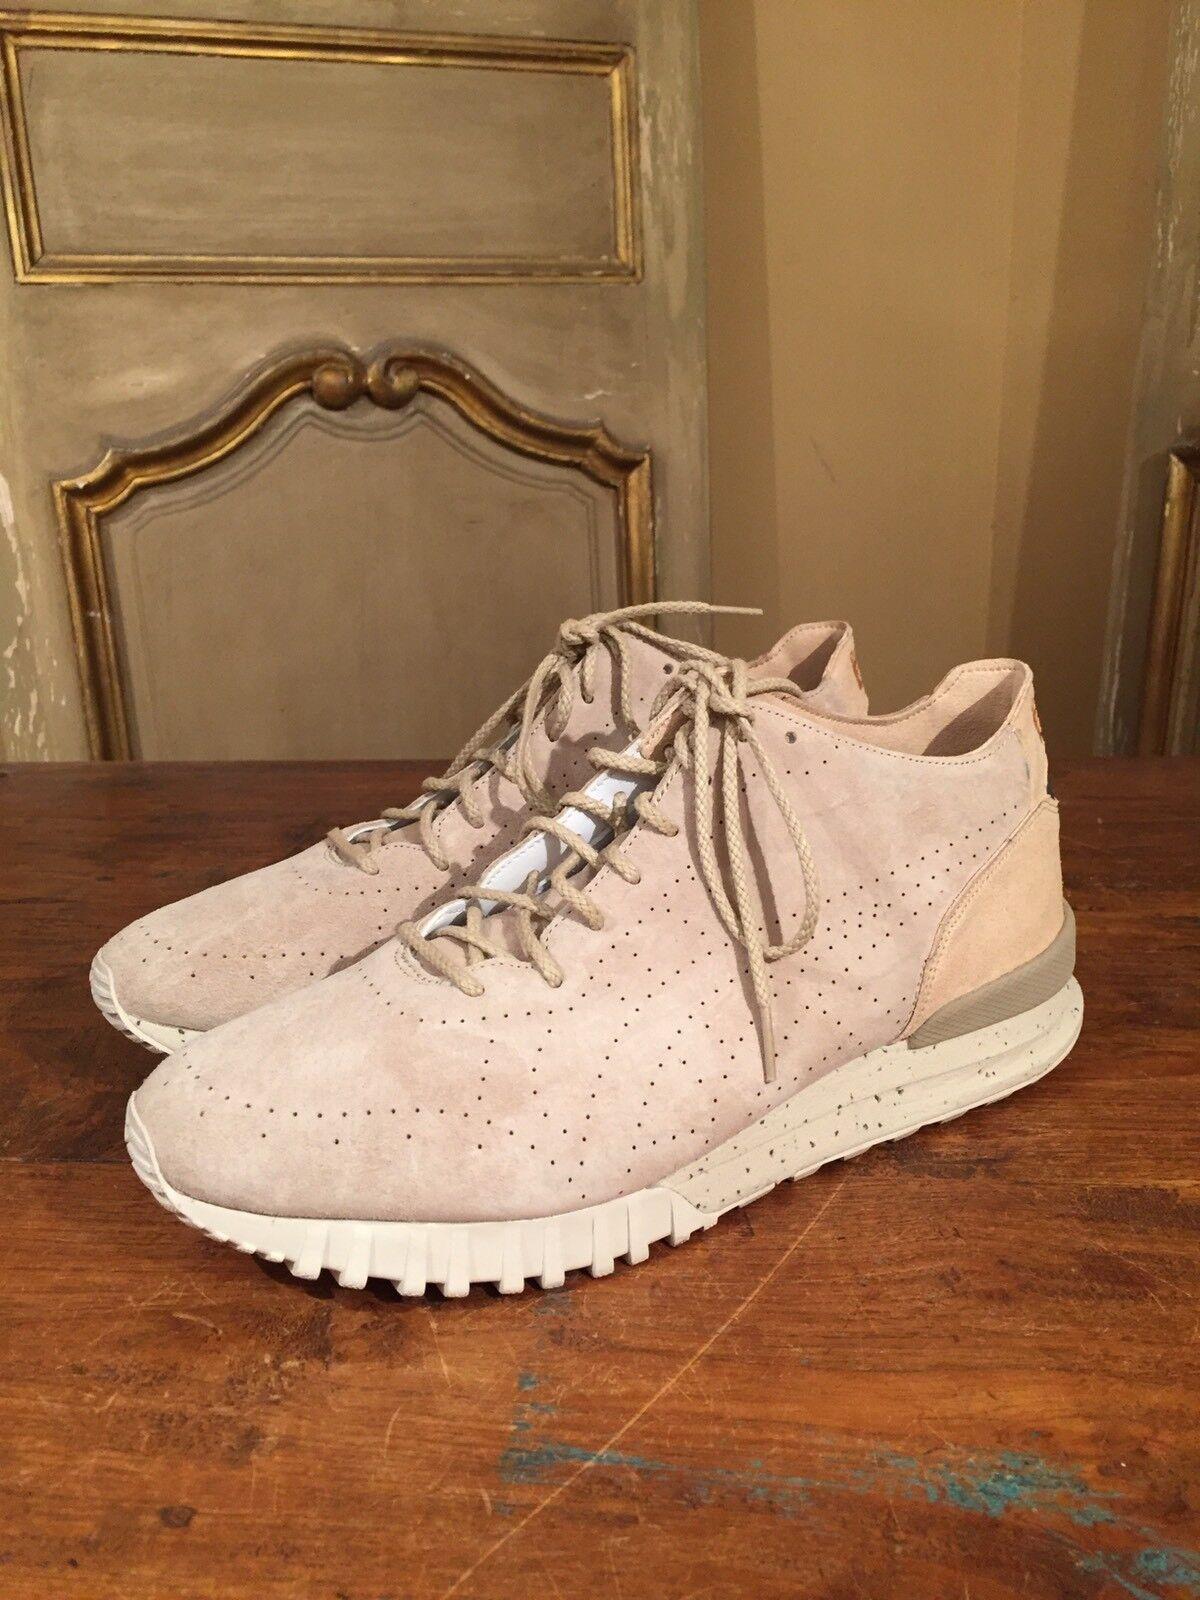 New New New Onitsuka Tiger Asics Zapatillas de ante para mujer Ultimate zapatos talla 9.5  la calidad primero los consumidores primero